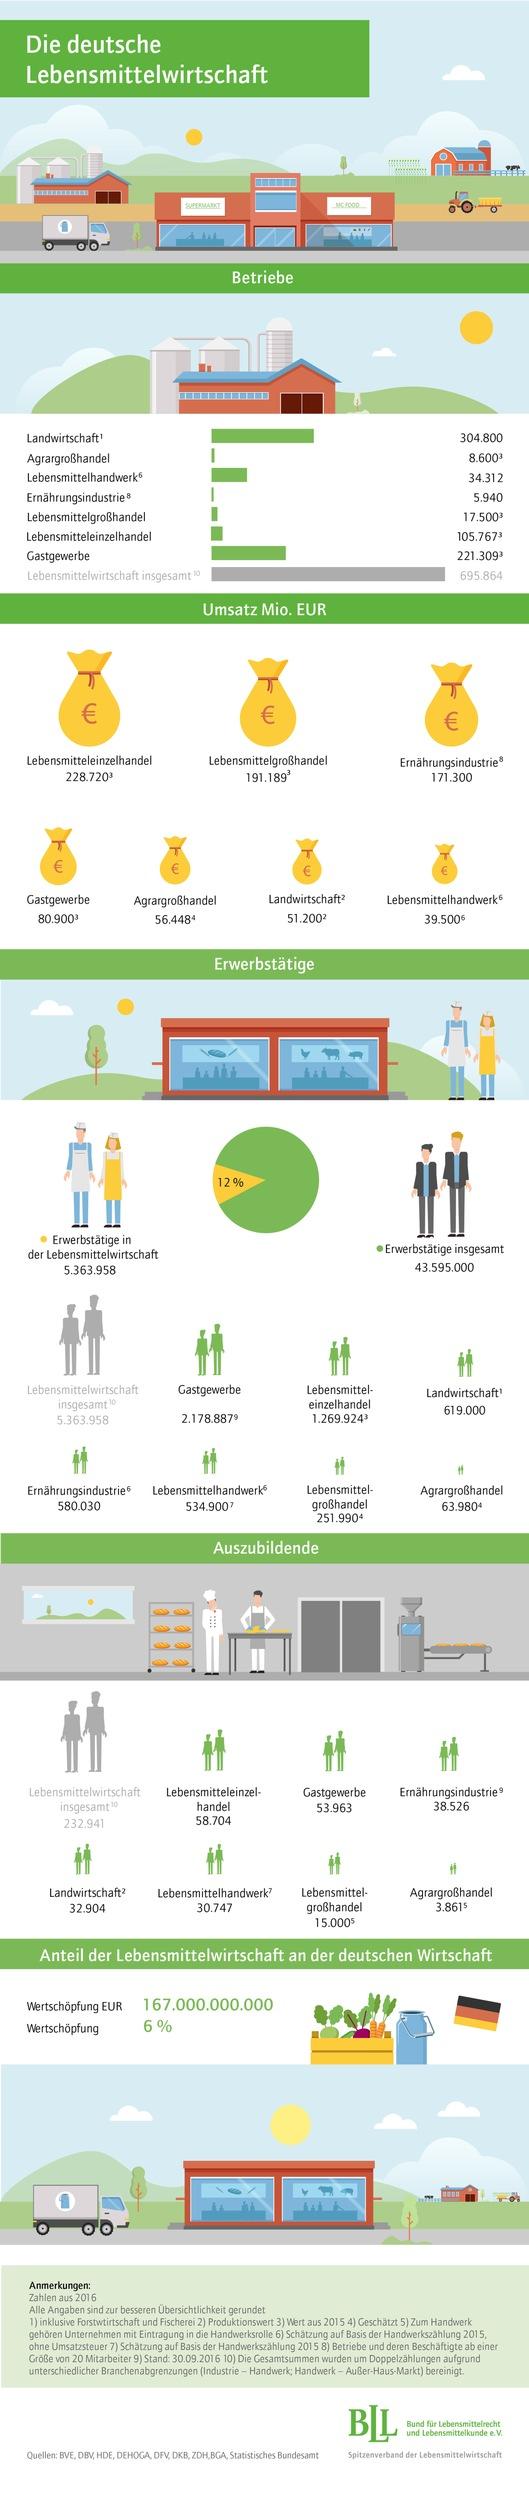 Aktuelle Branchenzahlen: Jeder Achte arbeitet in der Lebensmittelwirtschaft